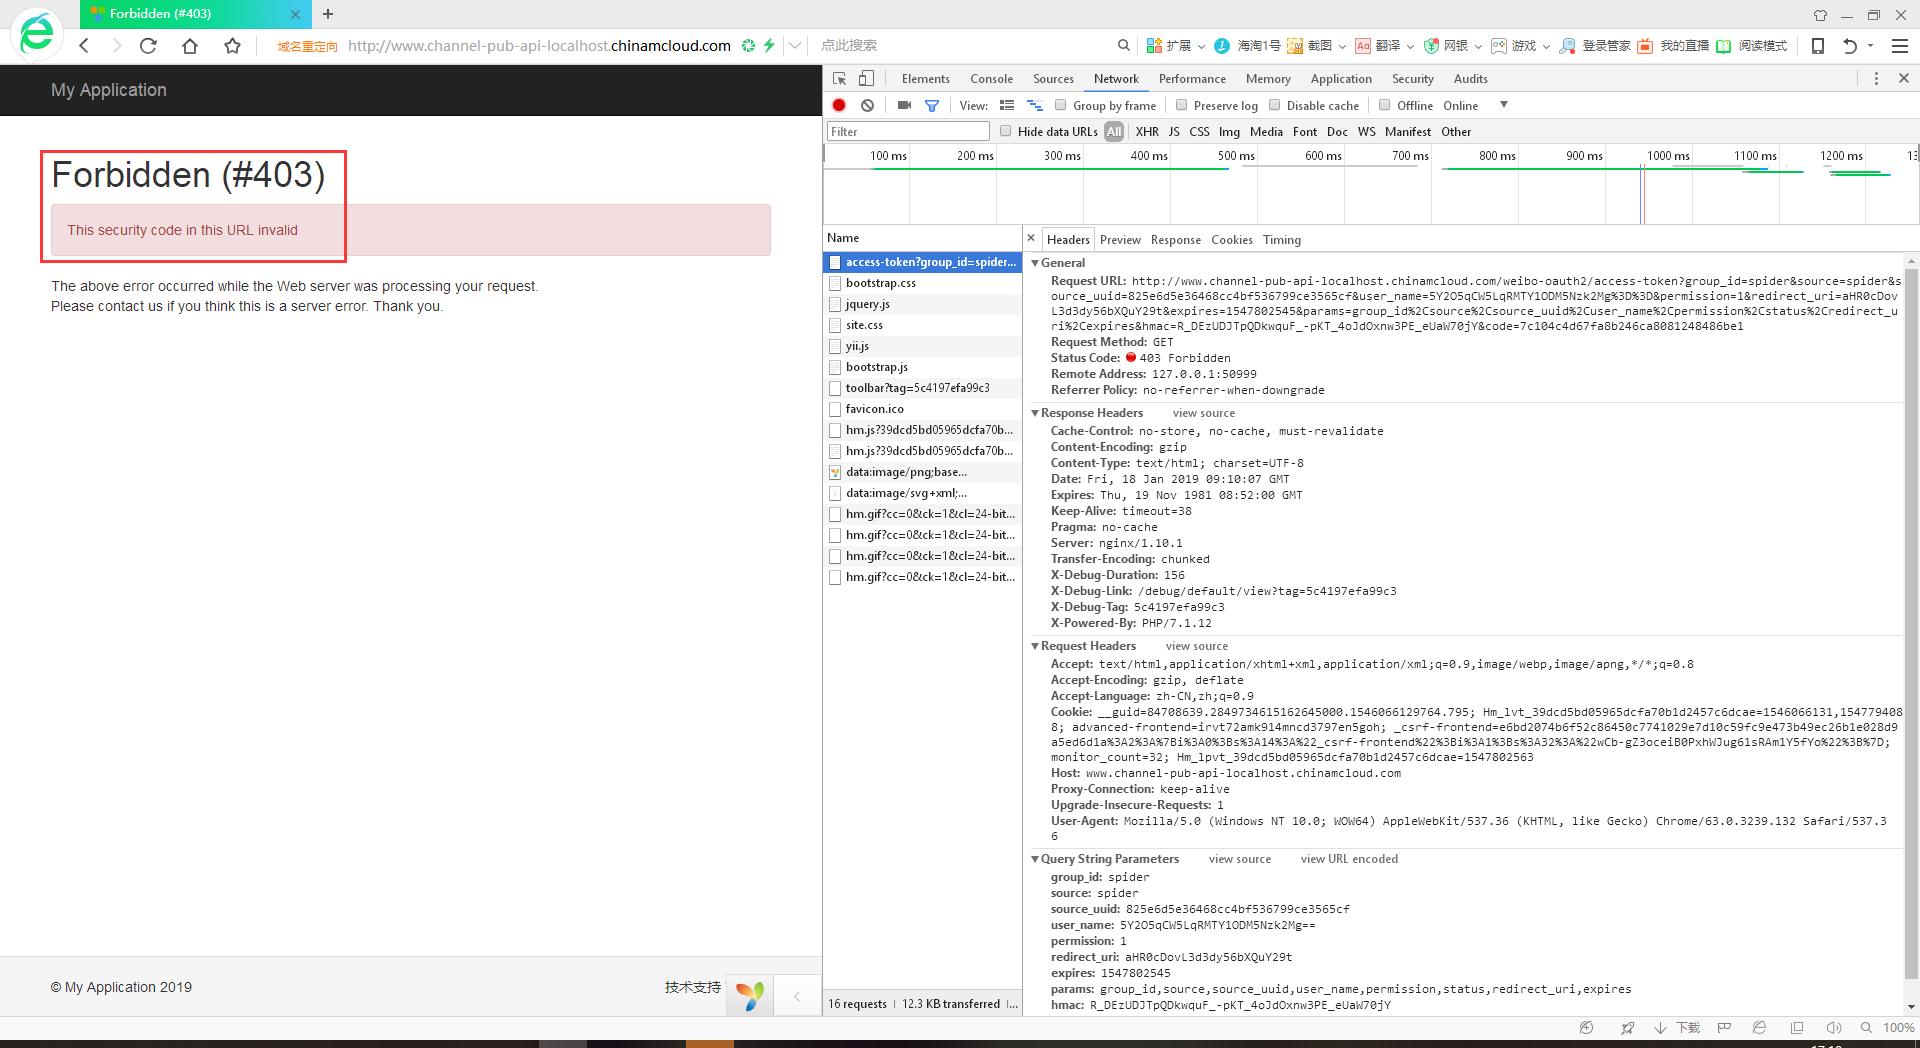 测试 URL 验证,从微博跳转回的链接,是否允许添加额外参数:是,code=7c104c4d67fa8b246ca8081248486be1,符合预期